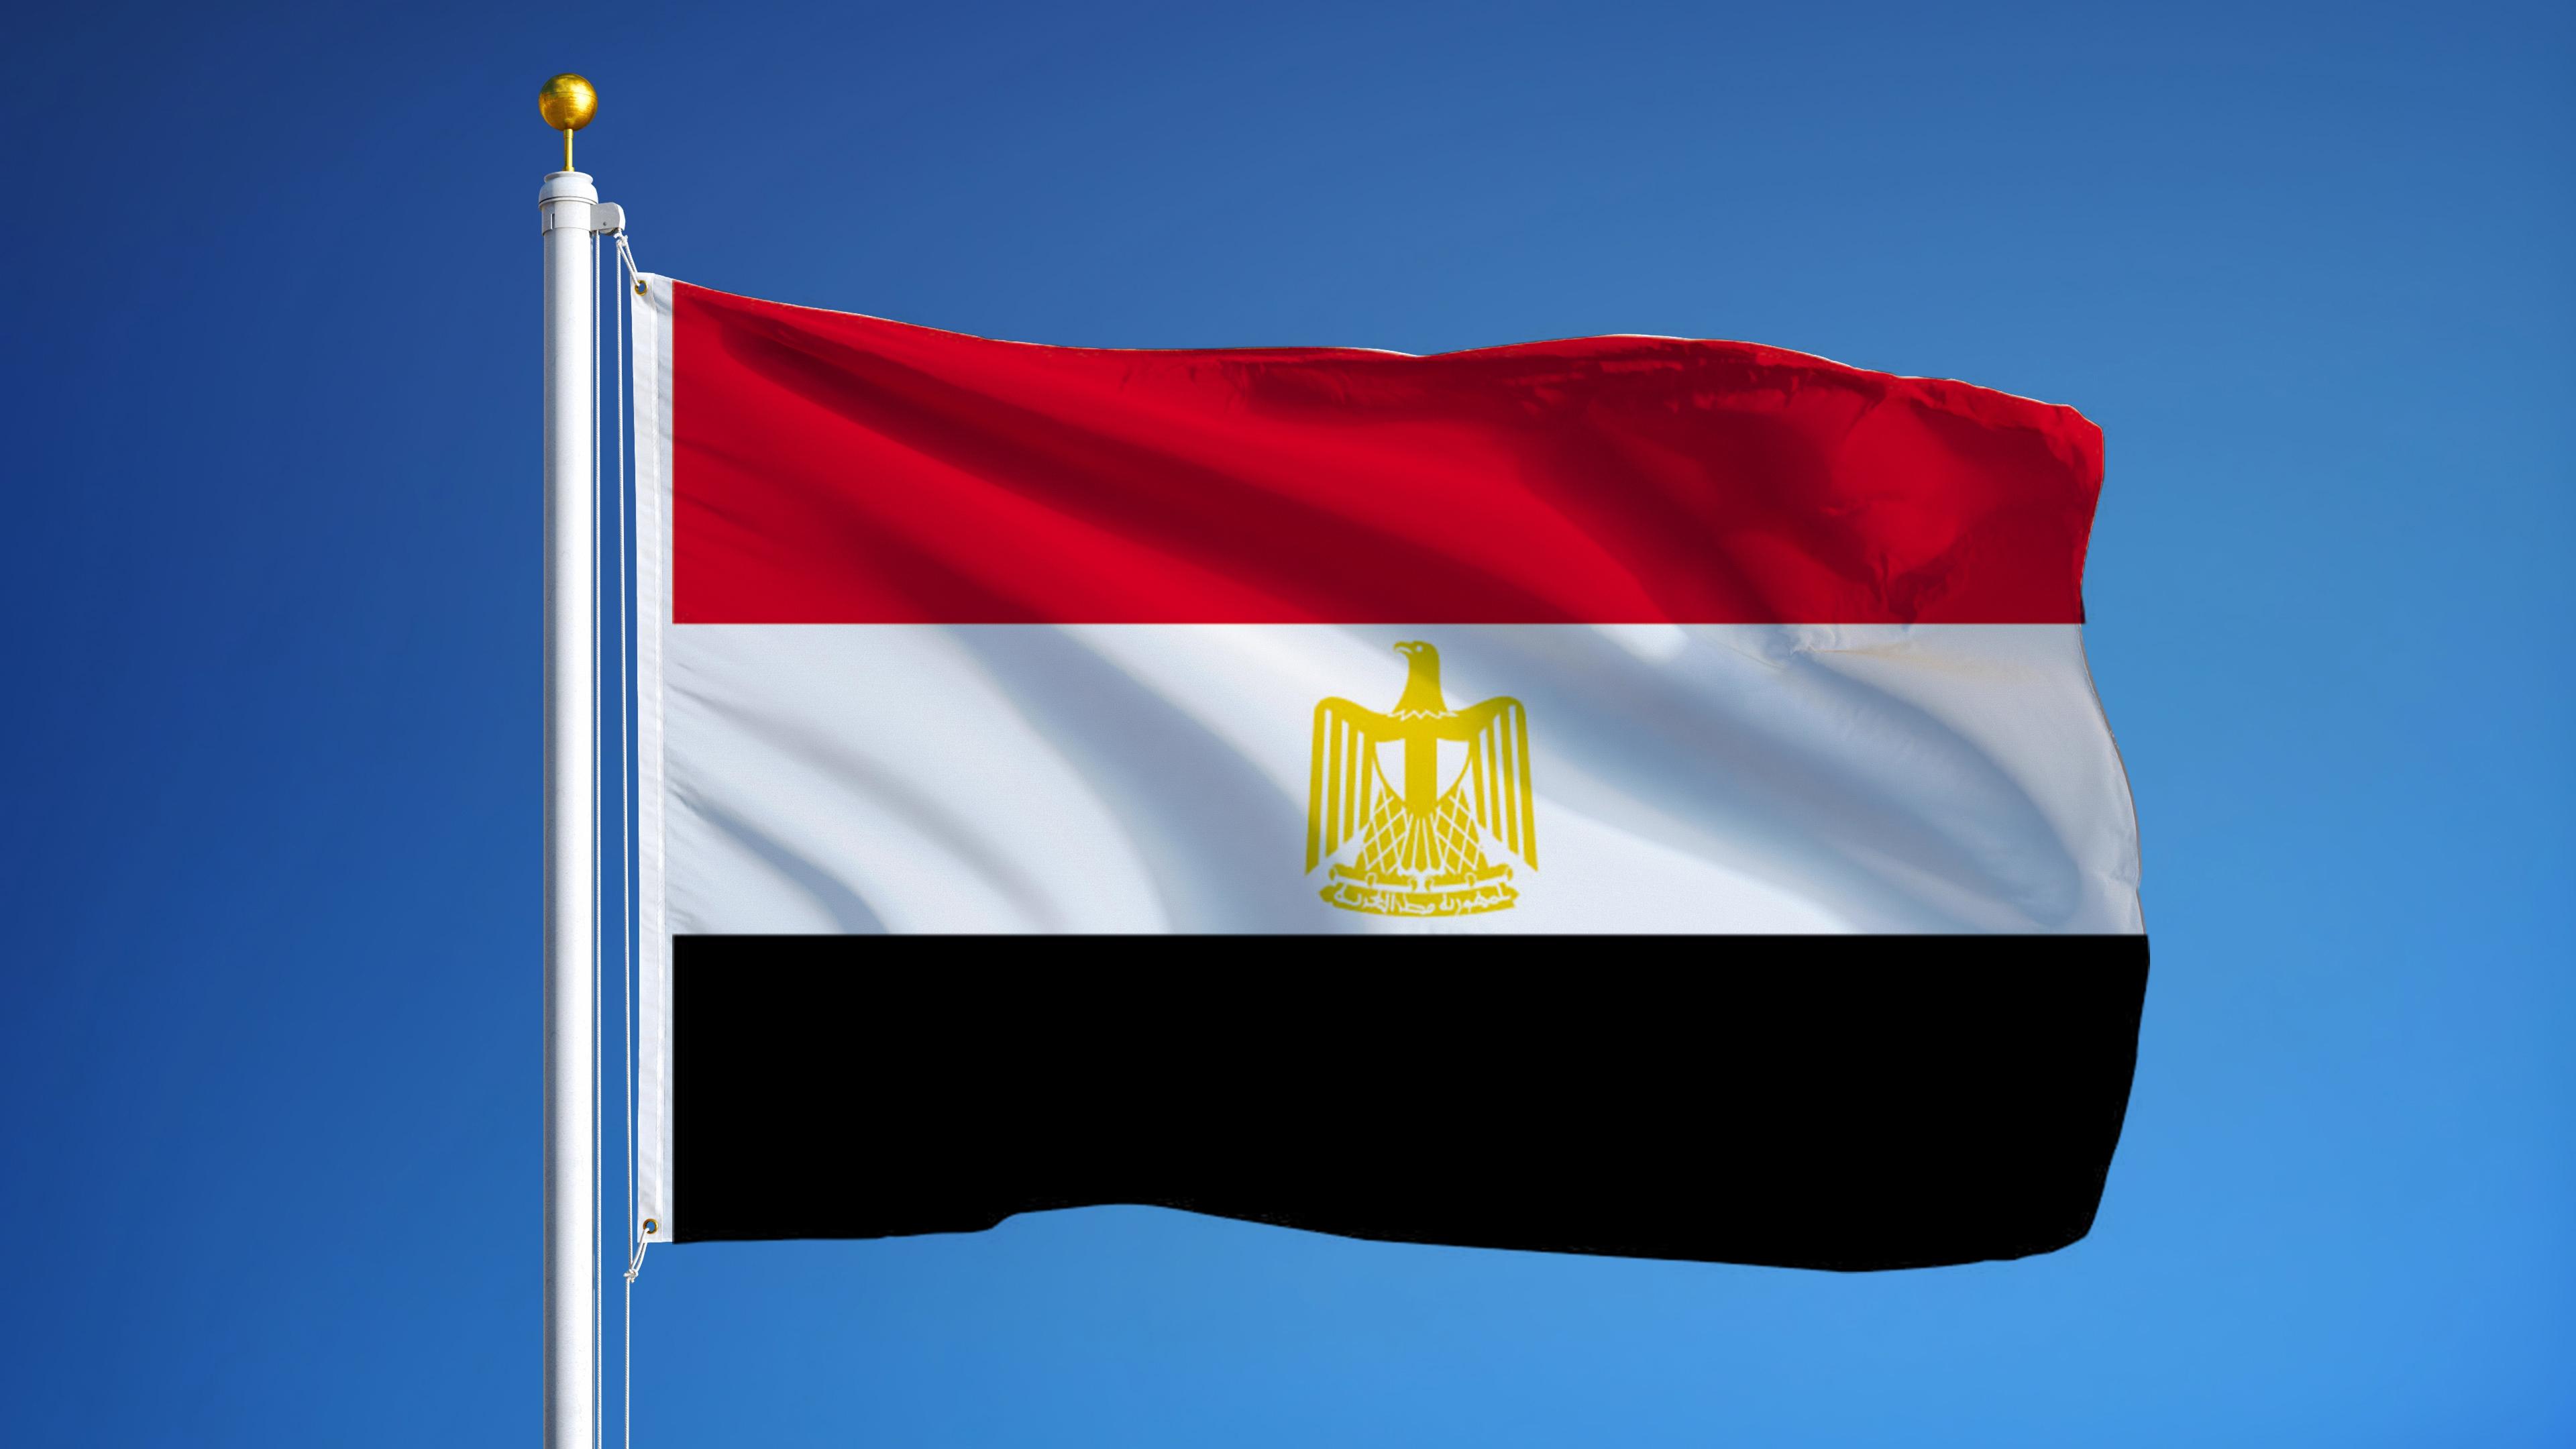 Mısır'ın Başkenti ve Para Birimi Nedir? Mısır'ın Bayrağı Nasıldır?